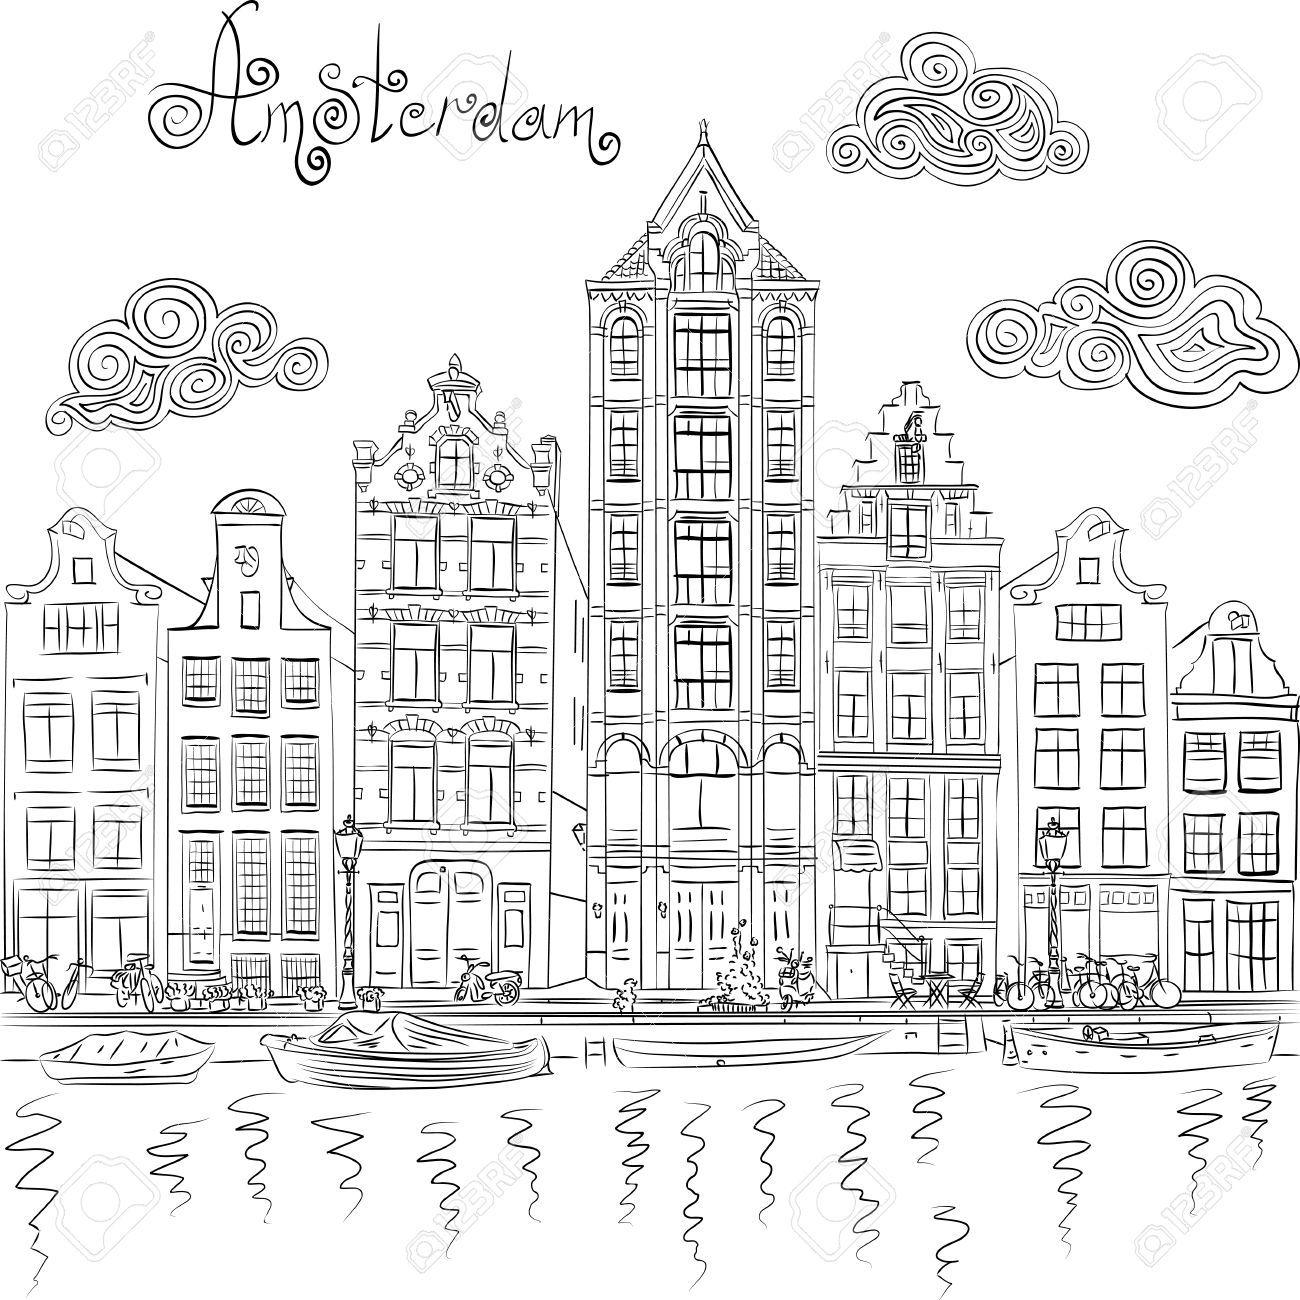 Zwart En Wit Hand Tekening Uitzicht Op De Stad Van De Amsterdamse Gracht En Typische Huizen Holland Nederland Stad Tekening Stad Illustratie Handen Tekenen